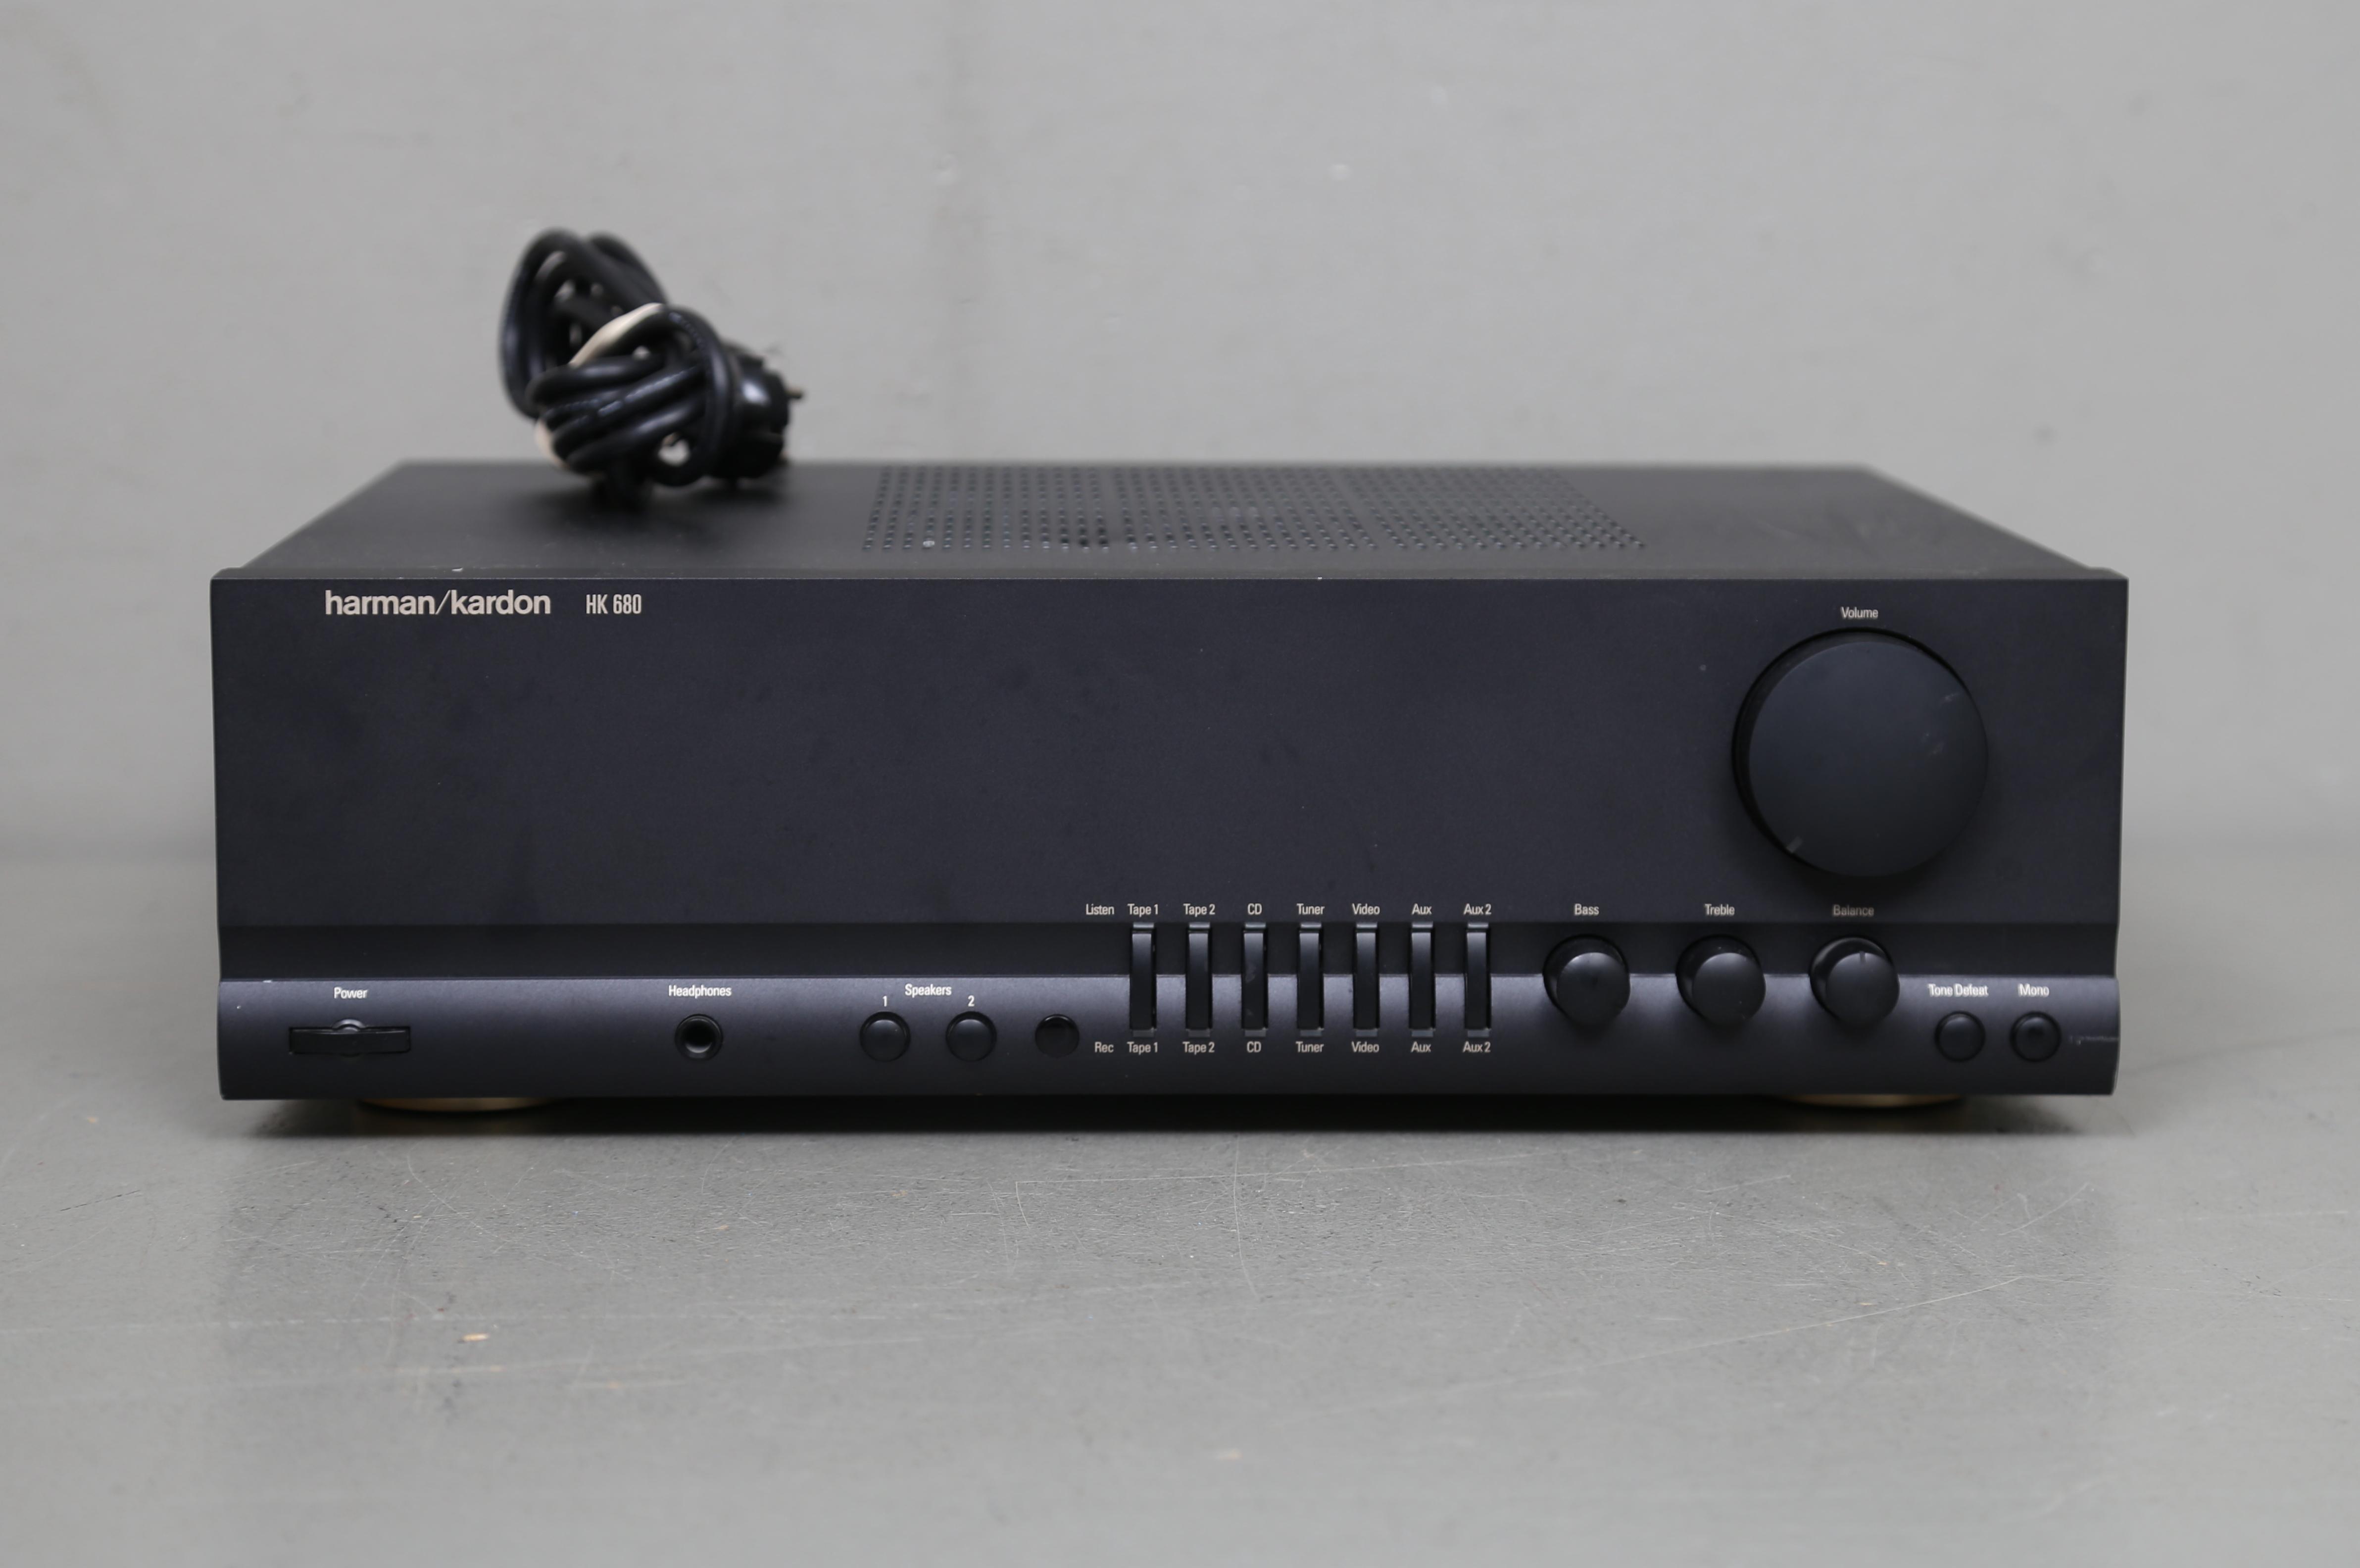 FÖRSTÄRKARE, Harman Kardon, HK 680  Other - Modern consumer